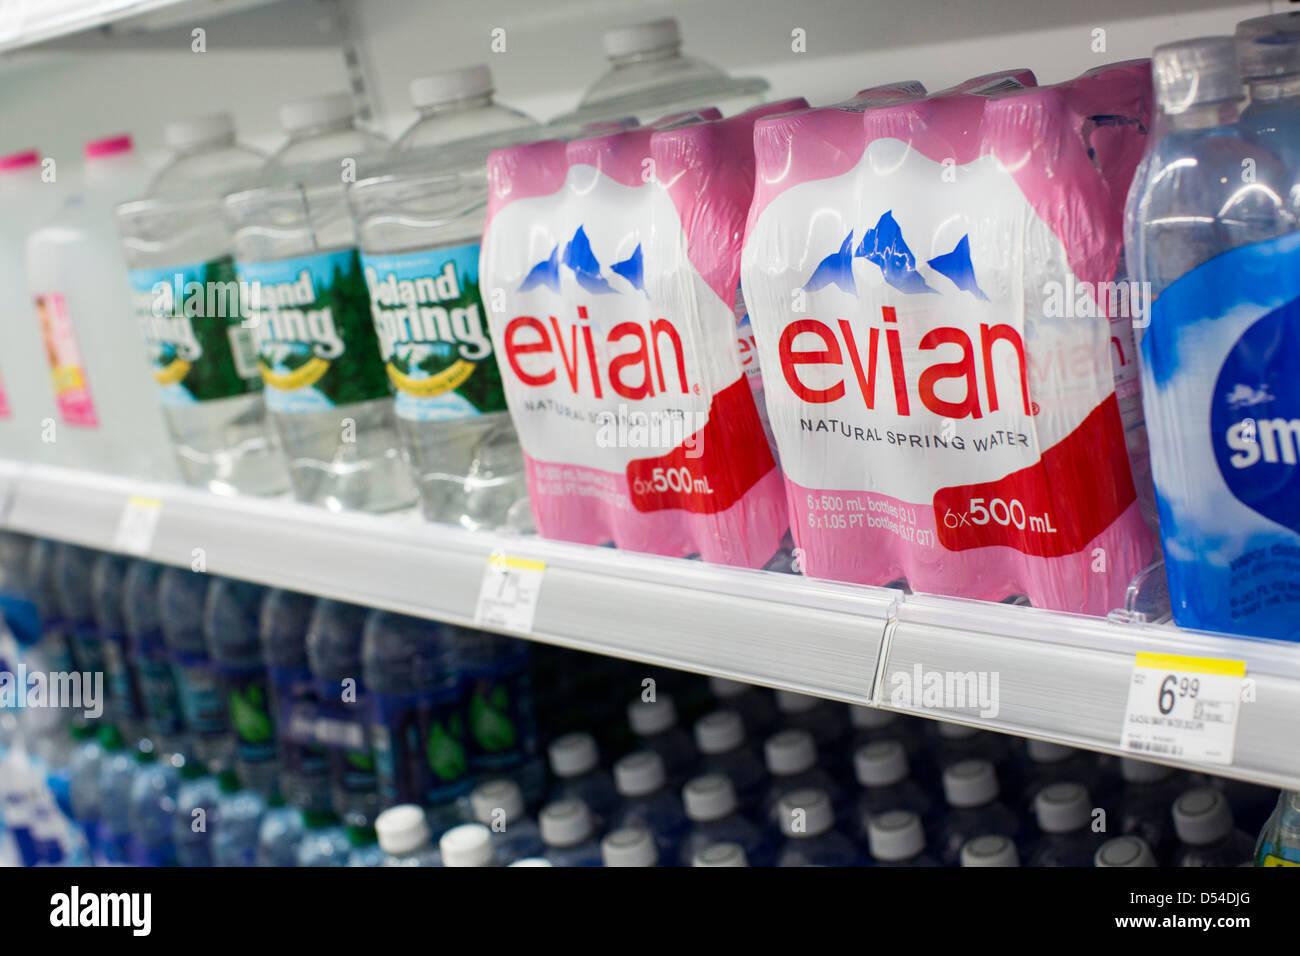 Evian y Poland Spring agua embotellada en la pantalla en un Walgreens Flagship store. Imagen De Stock